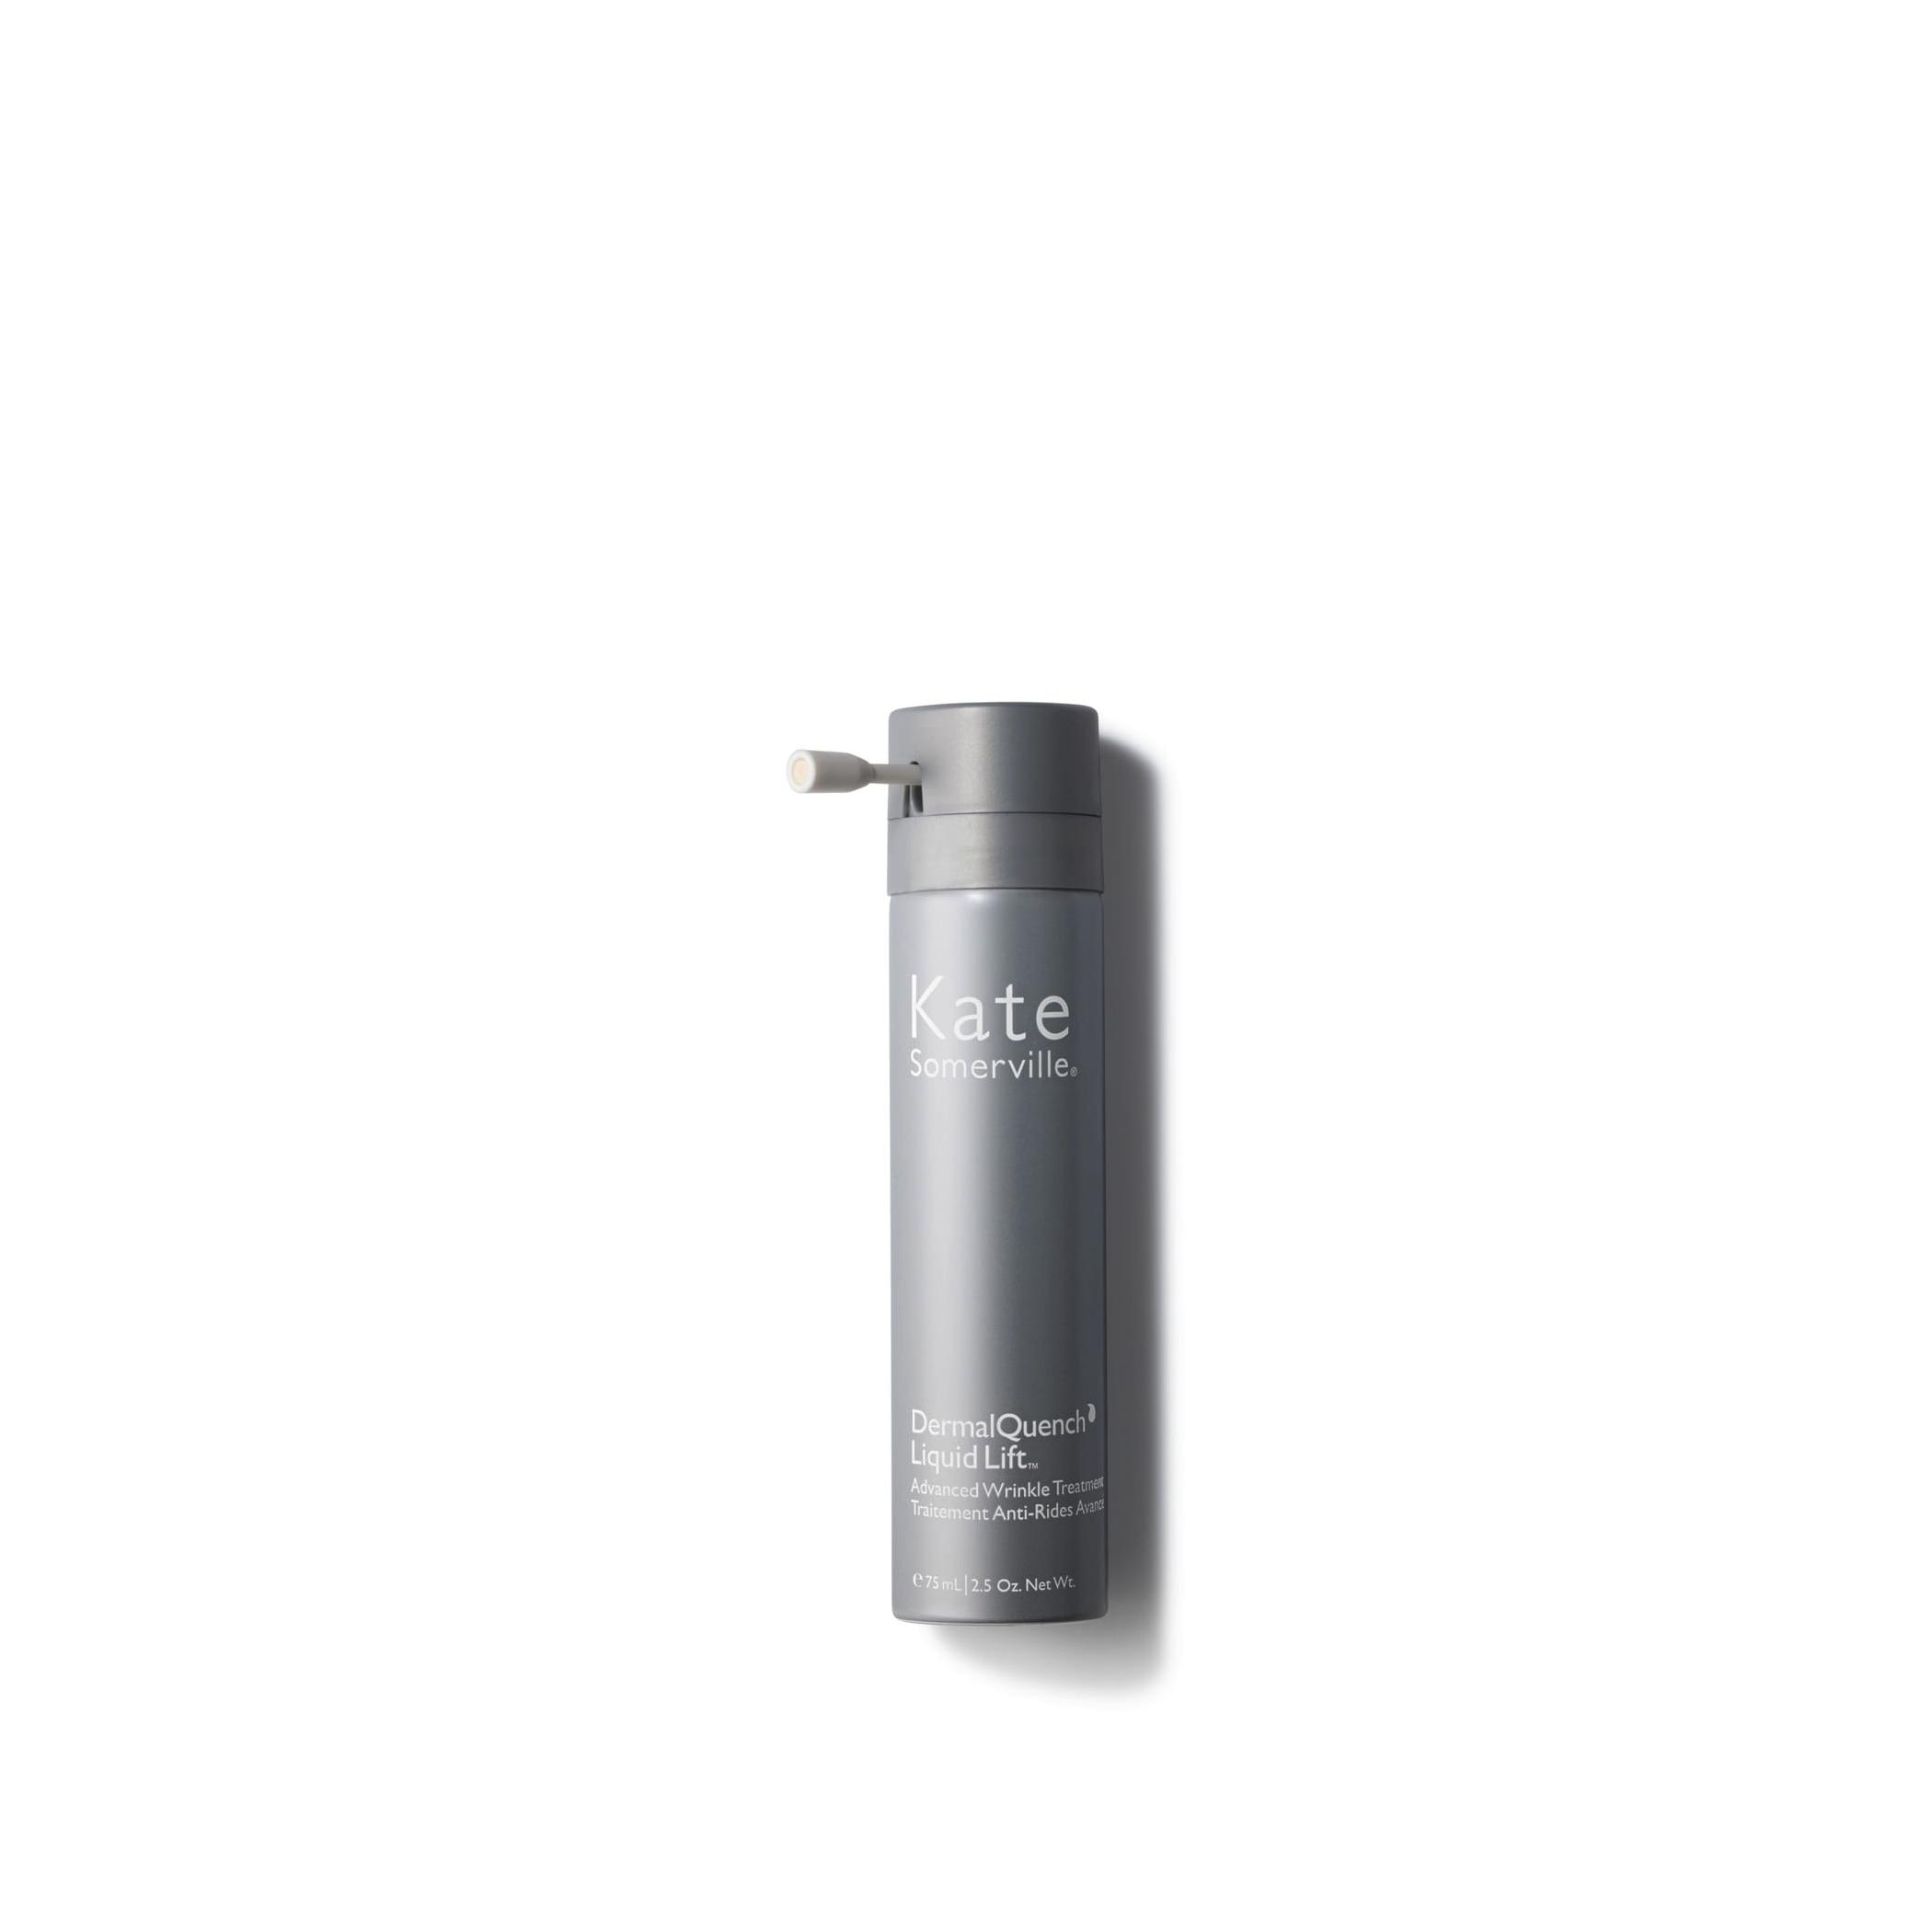 DermalQuench Liquid Lift® +Retinol